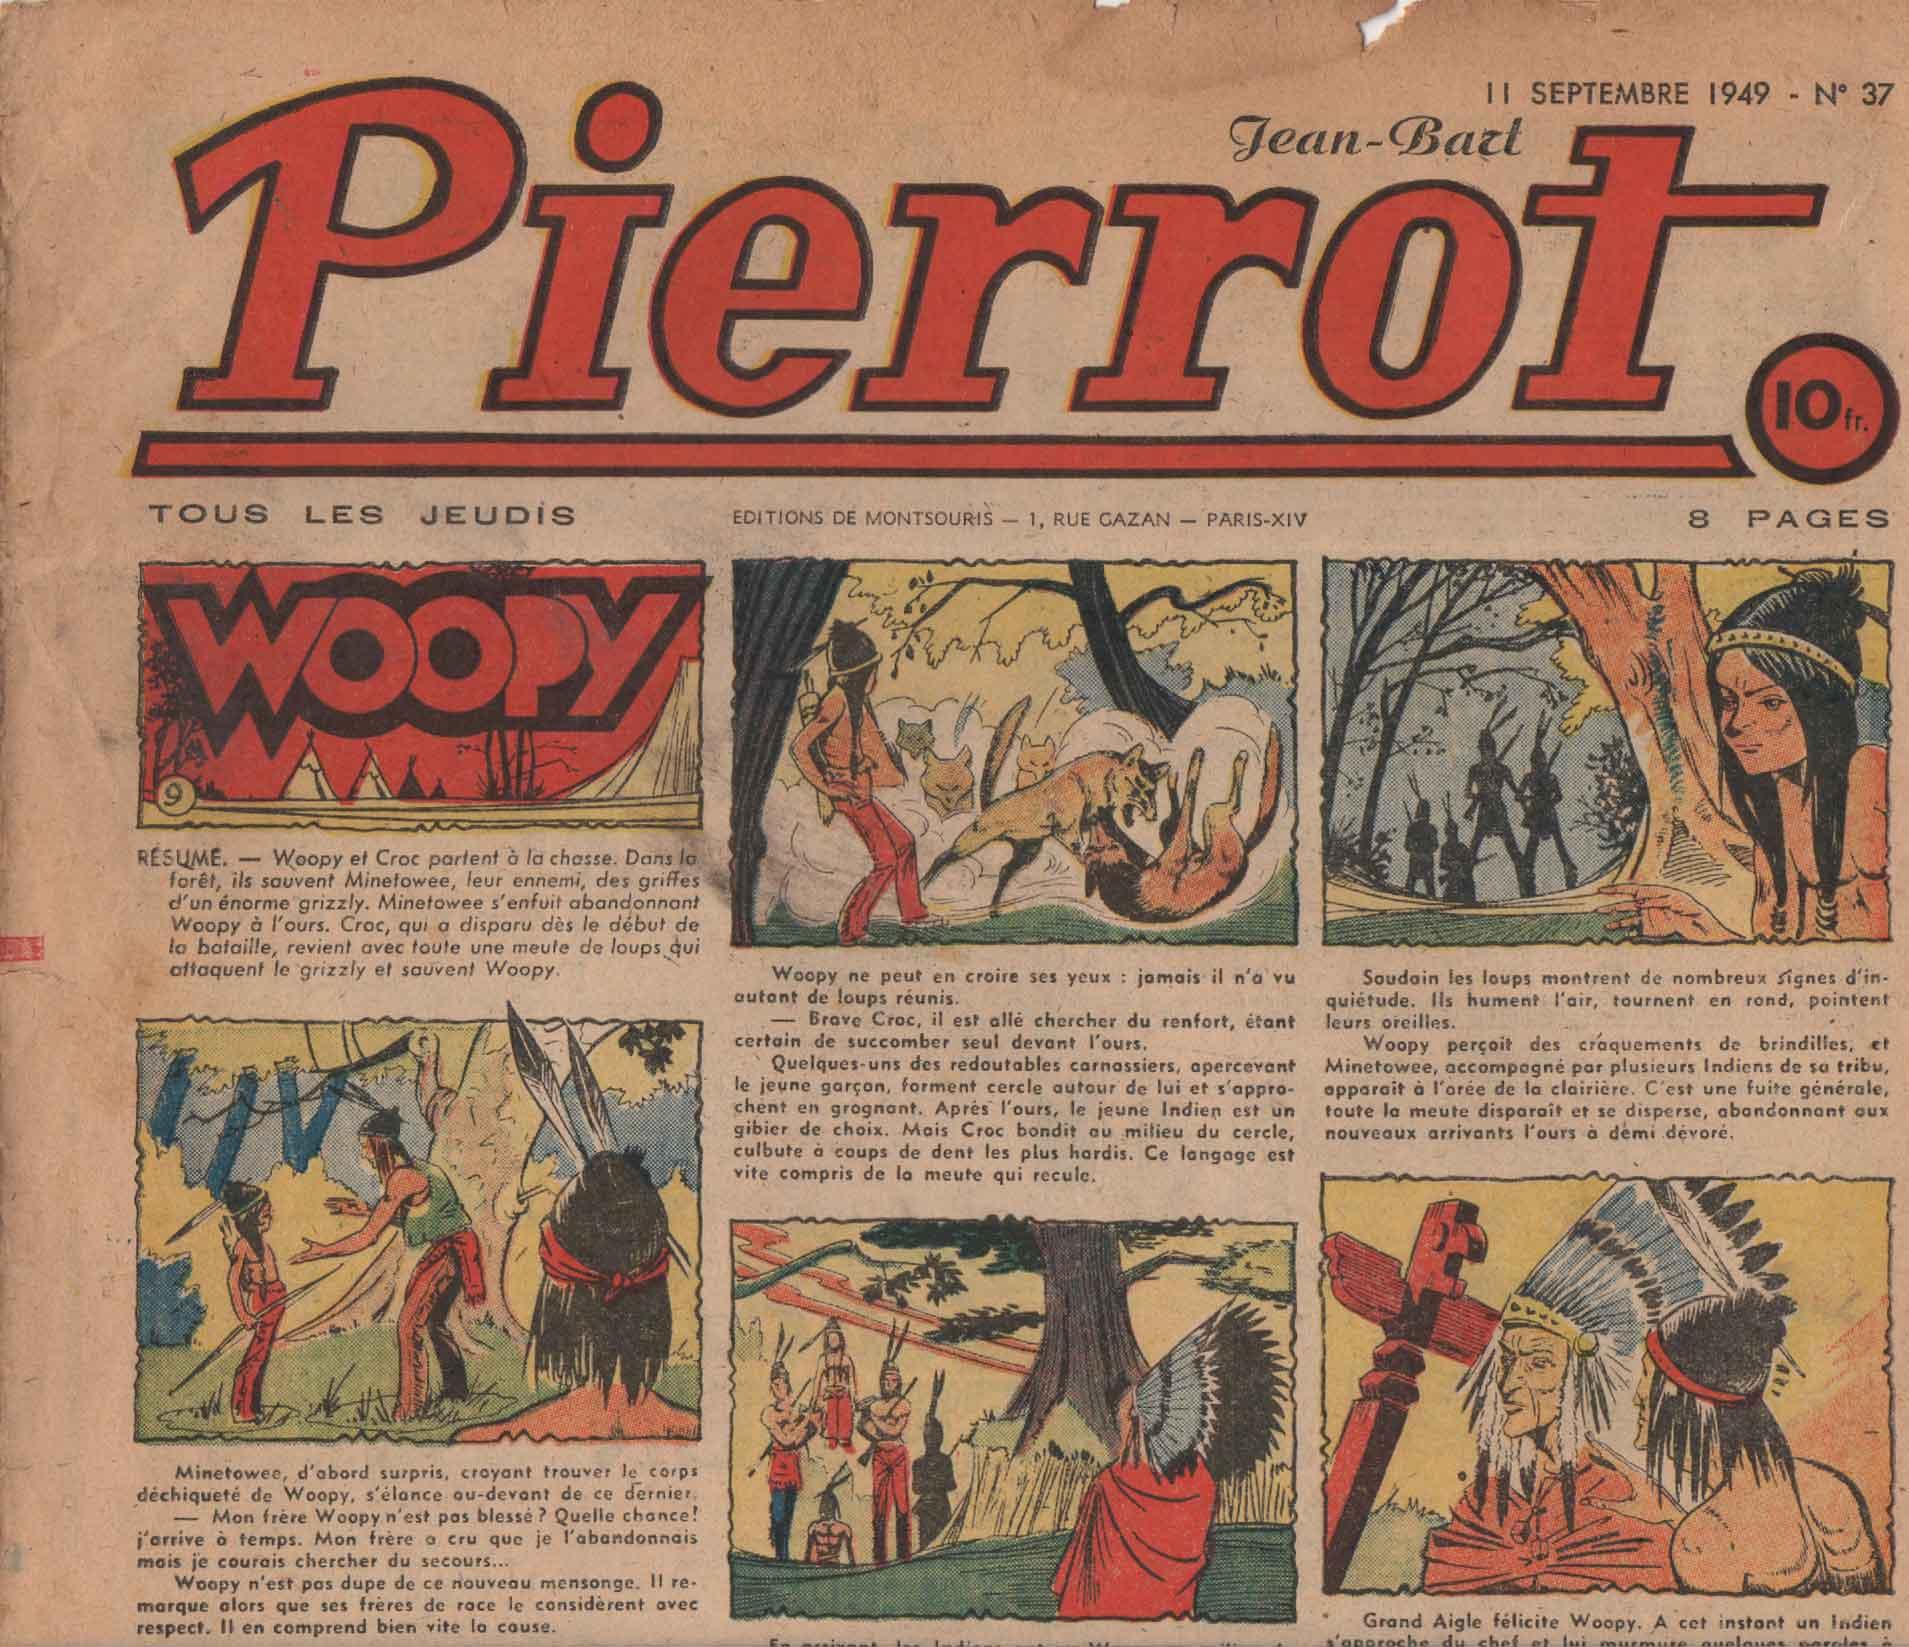 « Woopy » Pierrot n° 37 (11/.09/1949).